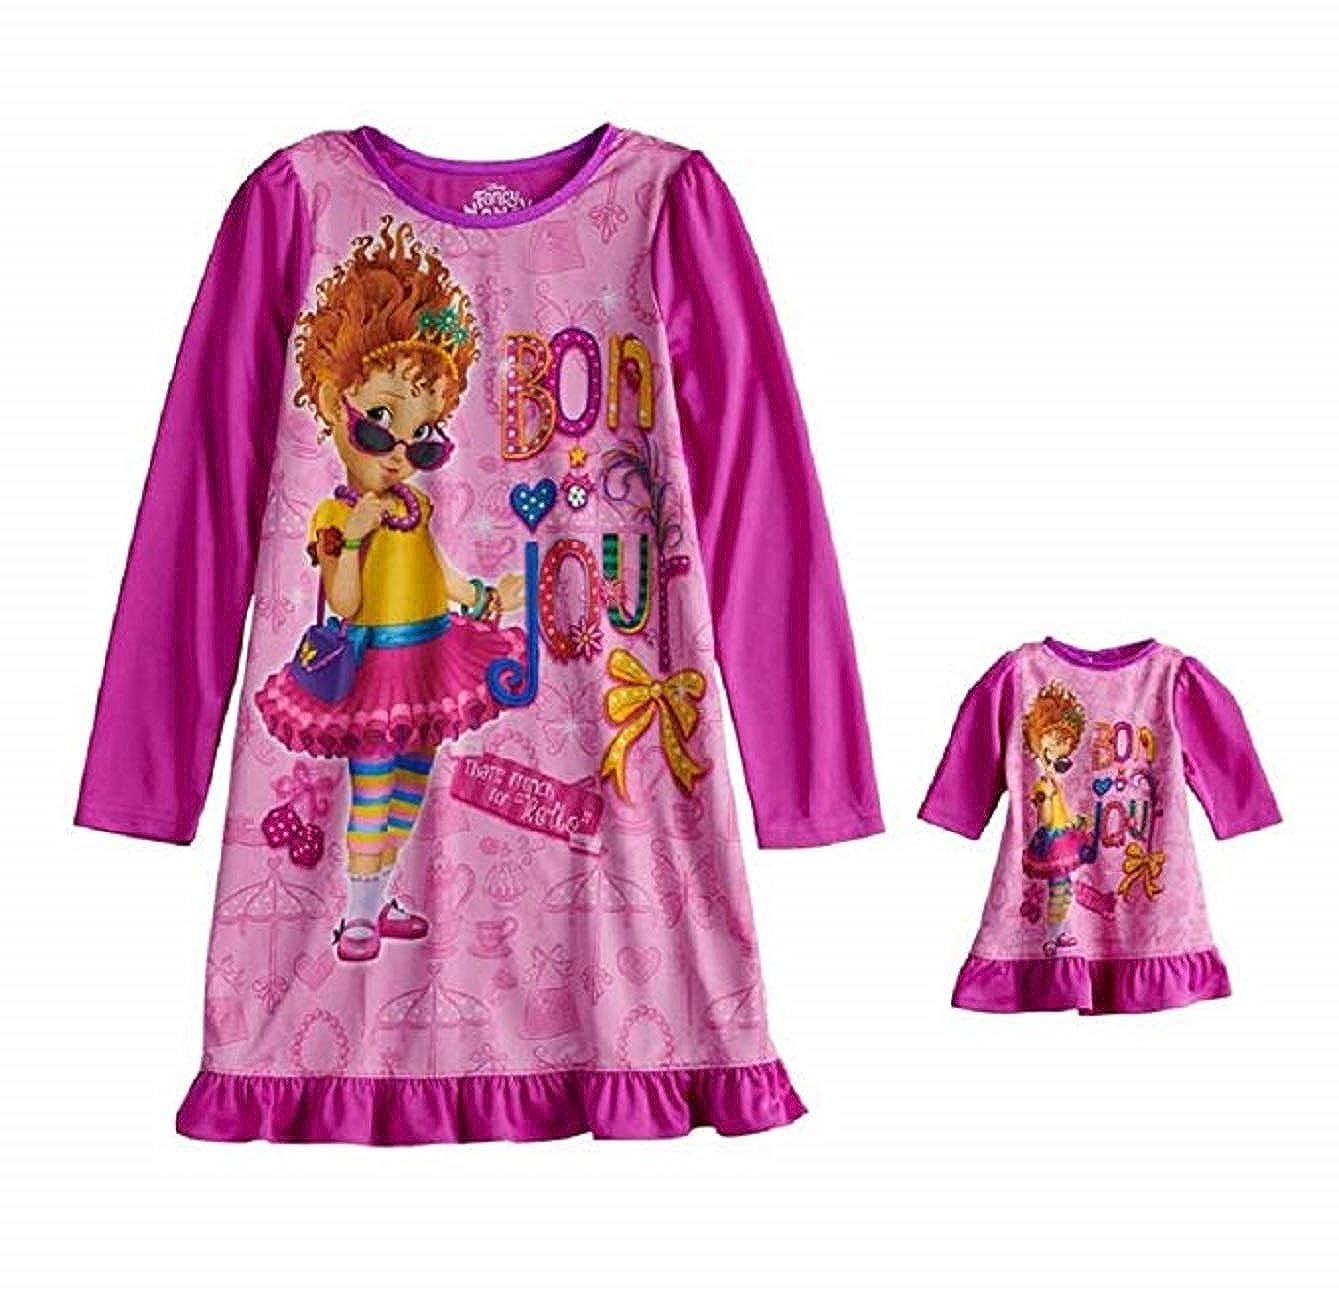 Girls Fancy Nancy Bon Jour Nightgown /& Doll Gown